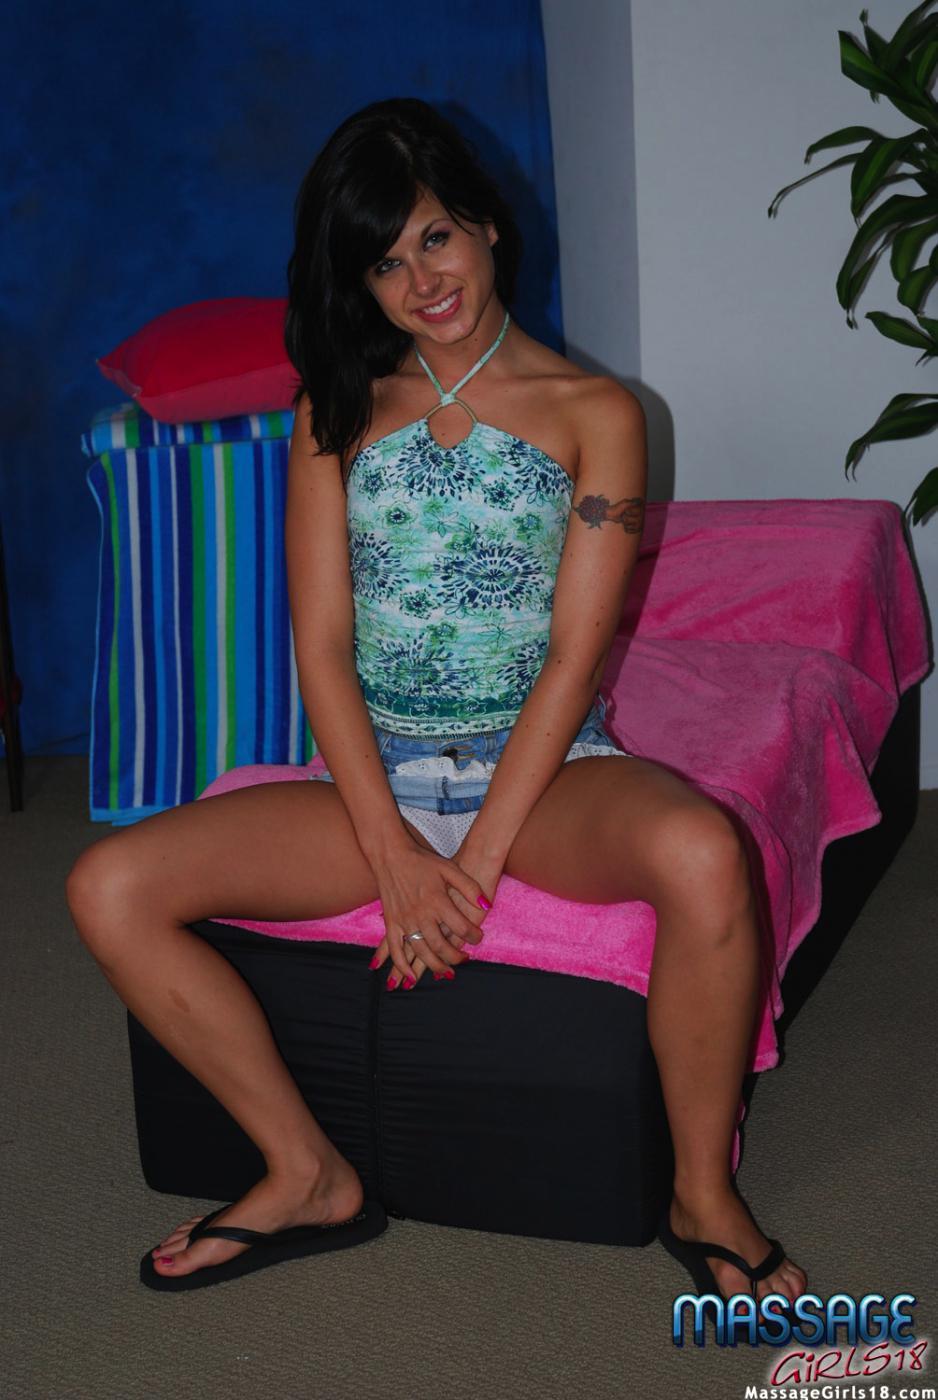 Русая порноактрисса с сочной попкой Marina Mae скачет на писюне